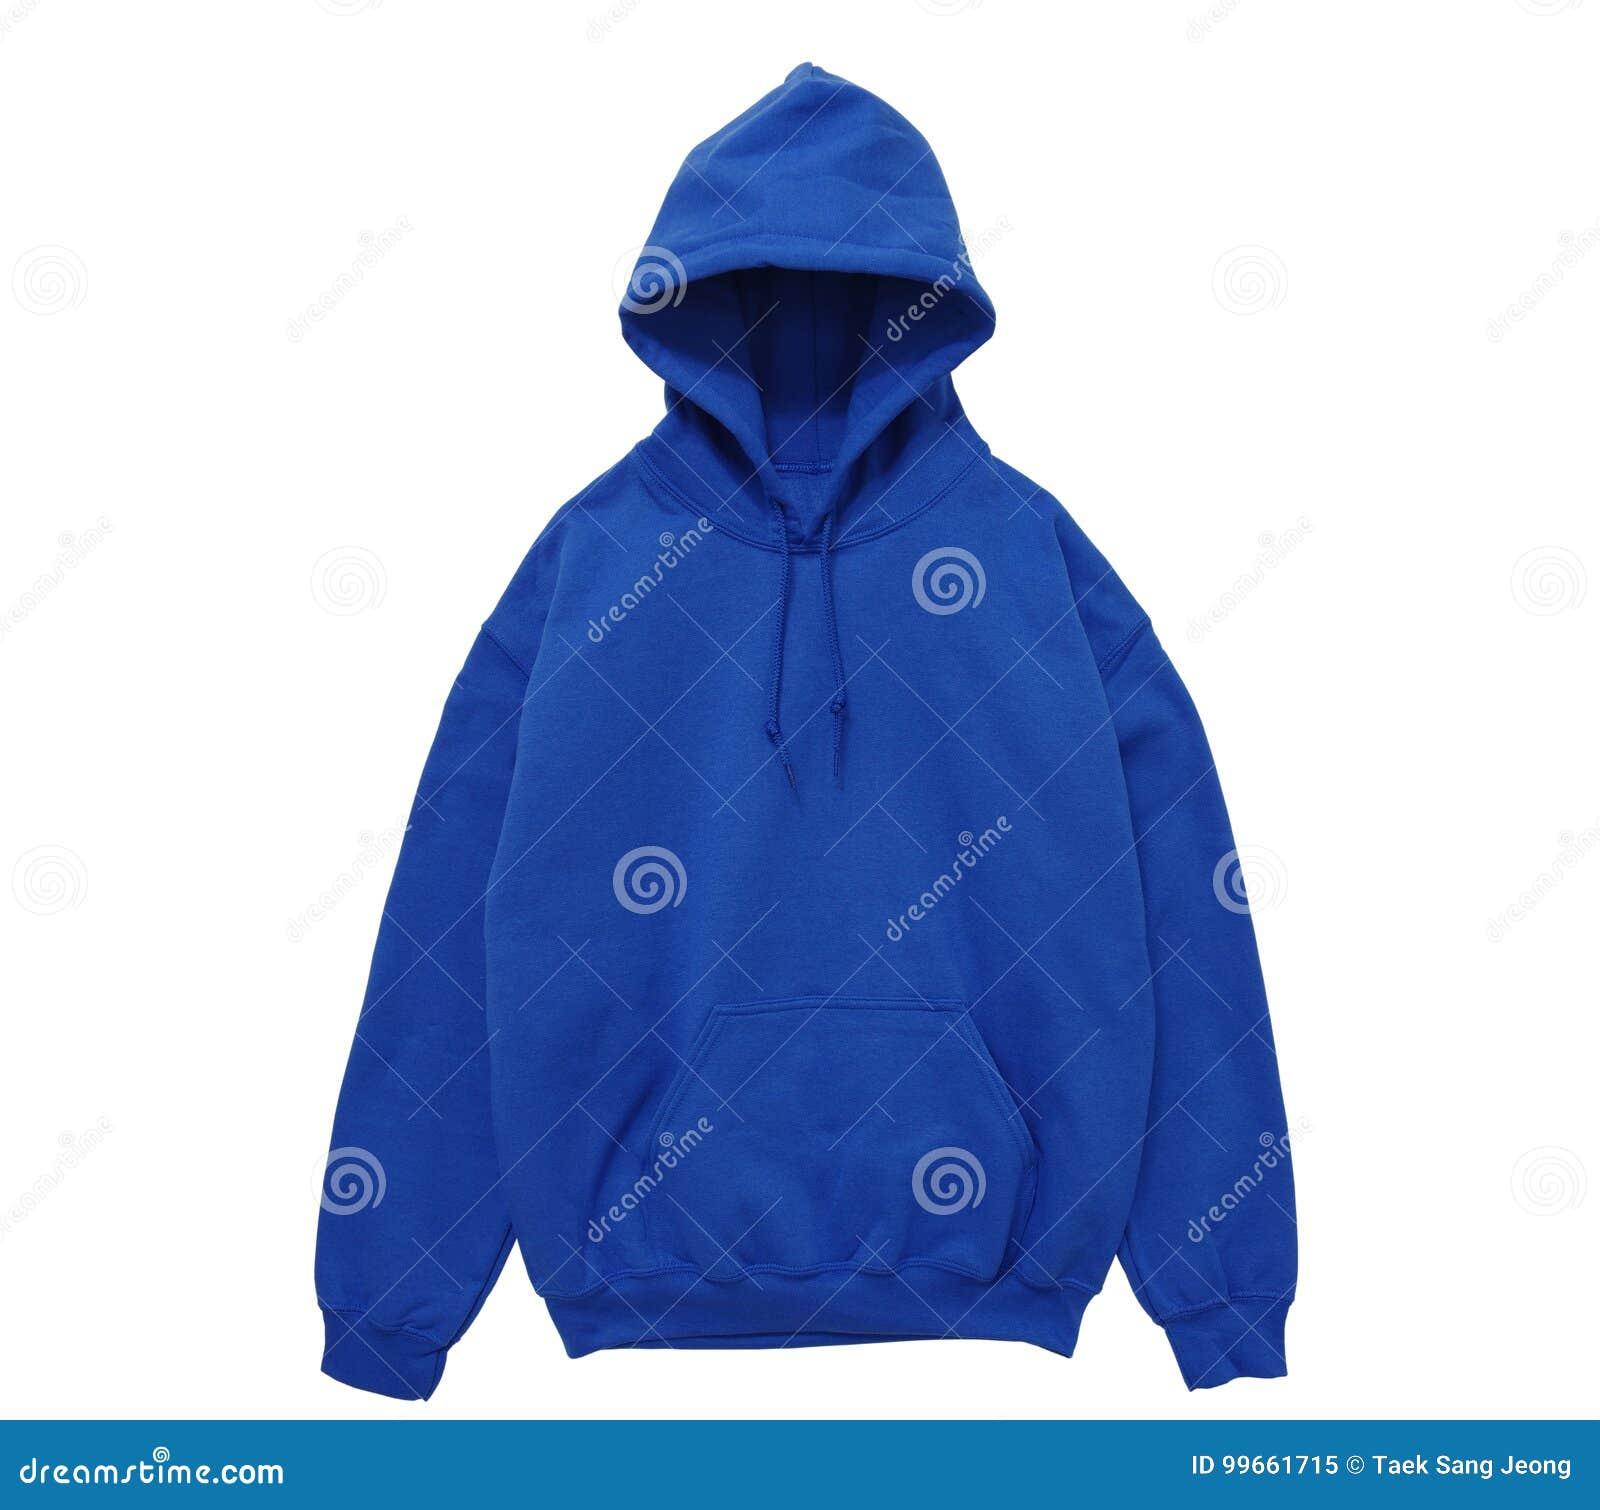 Blank hoodie sweatshirt color blue front view